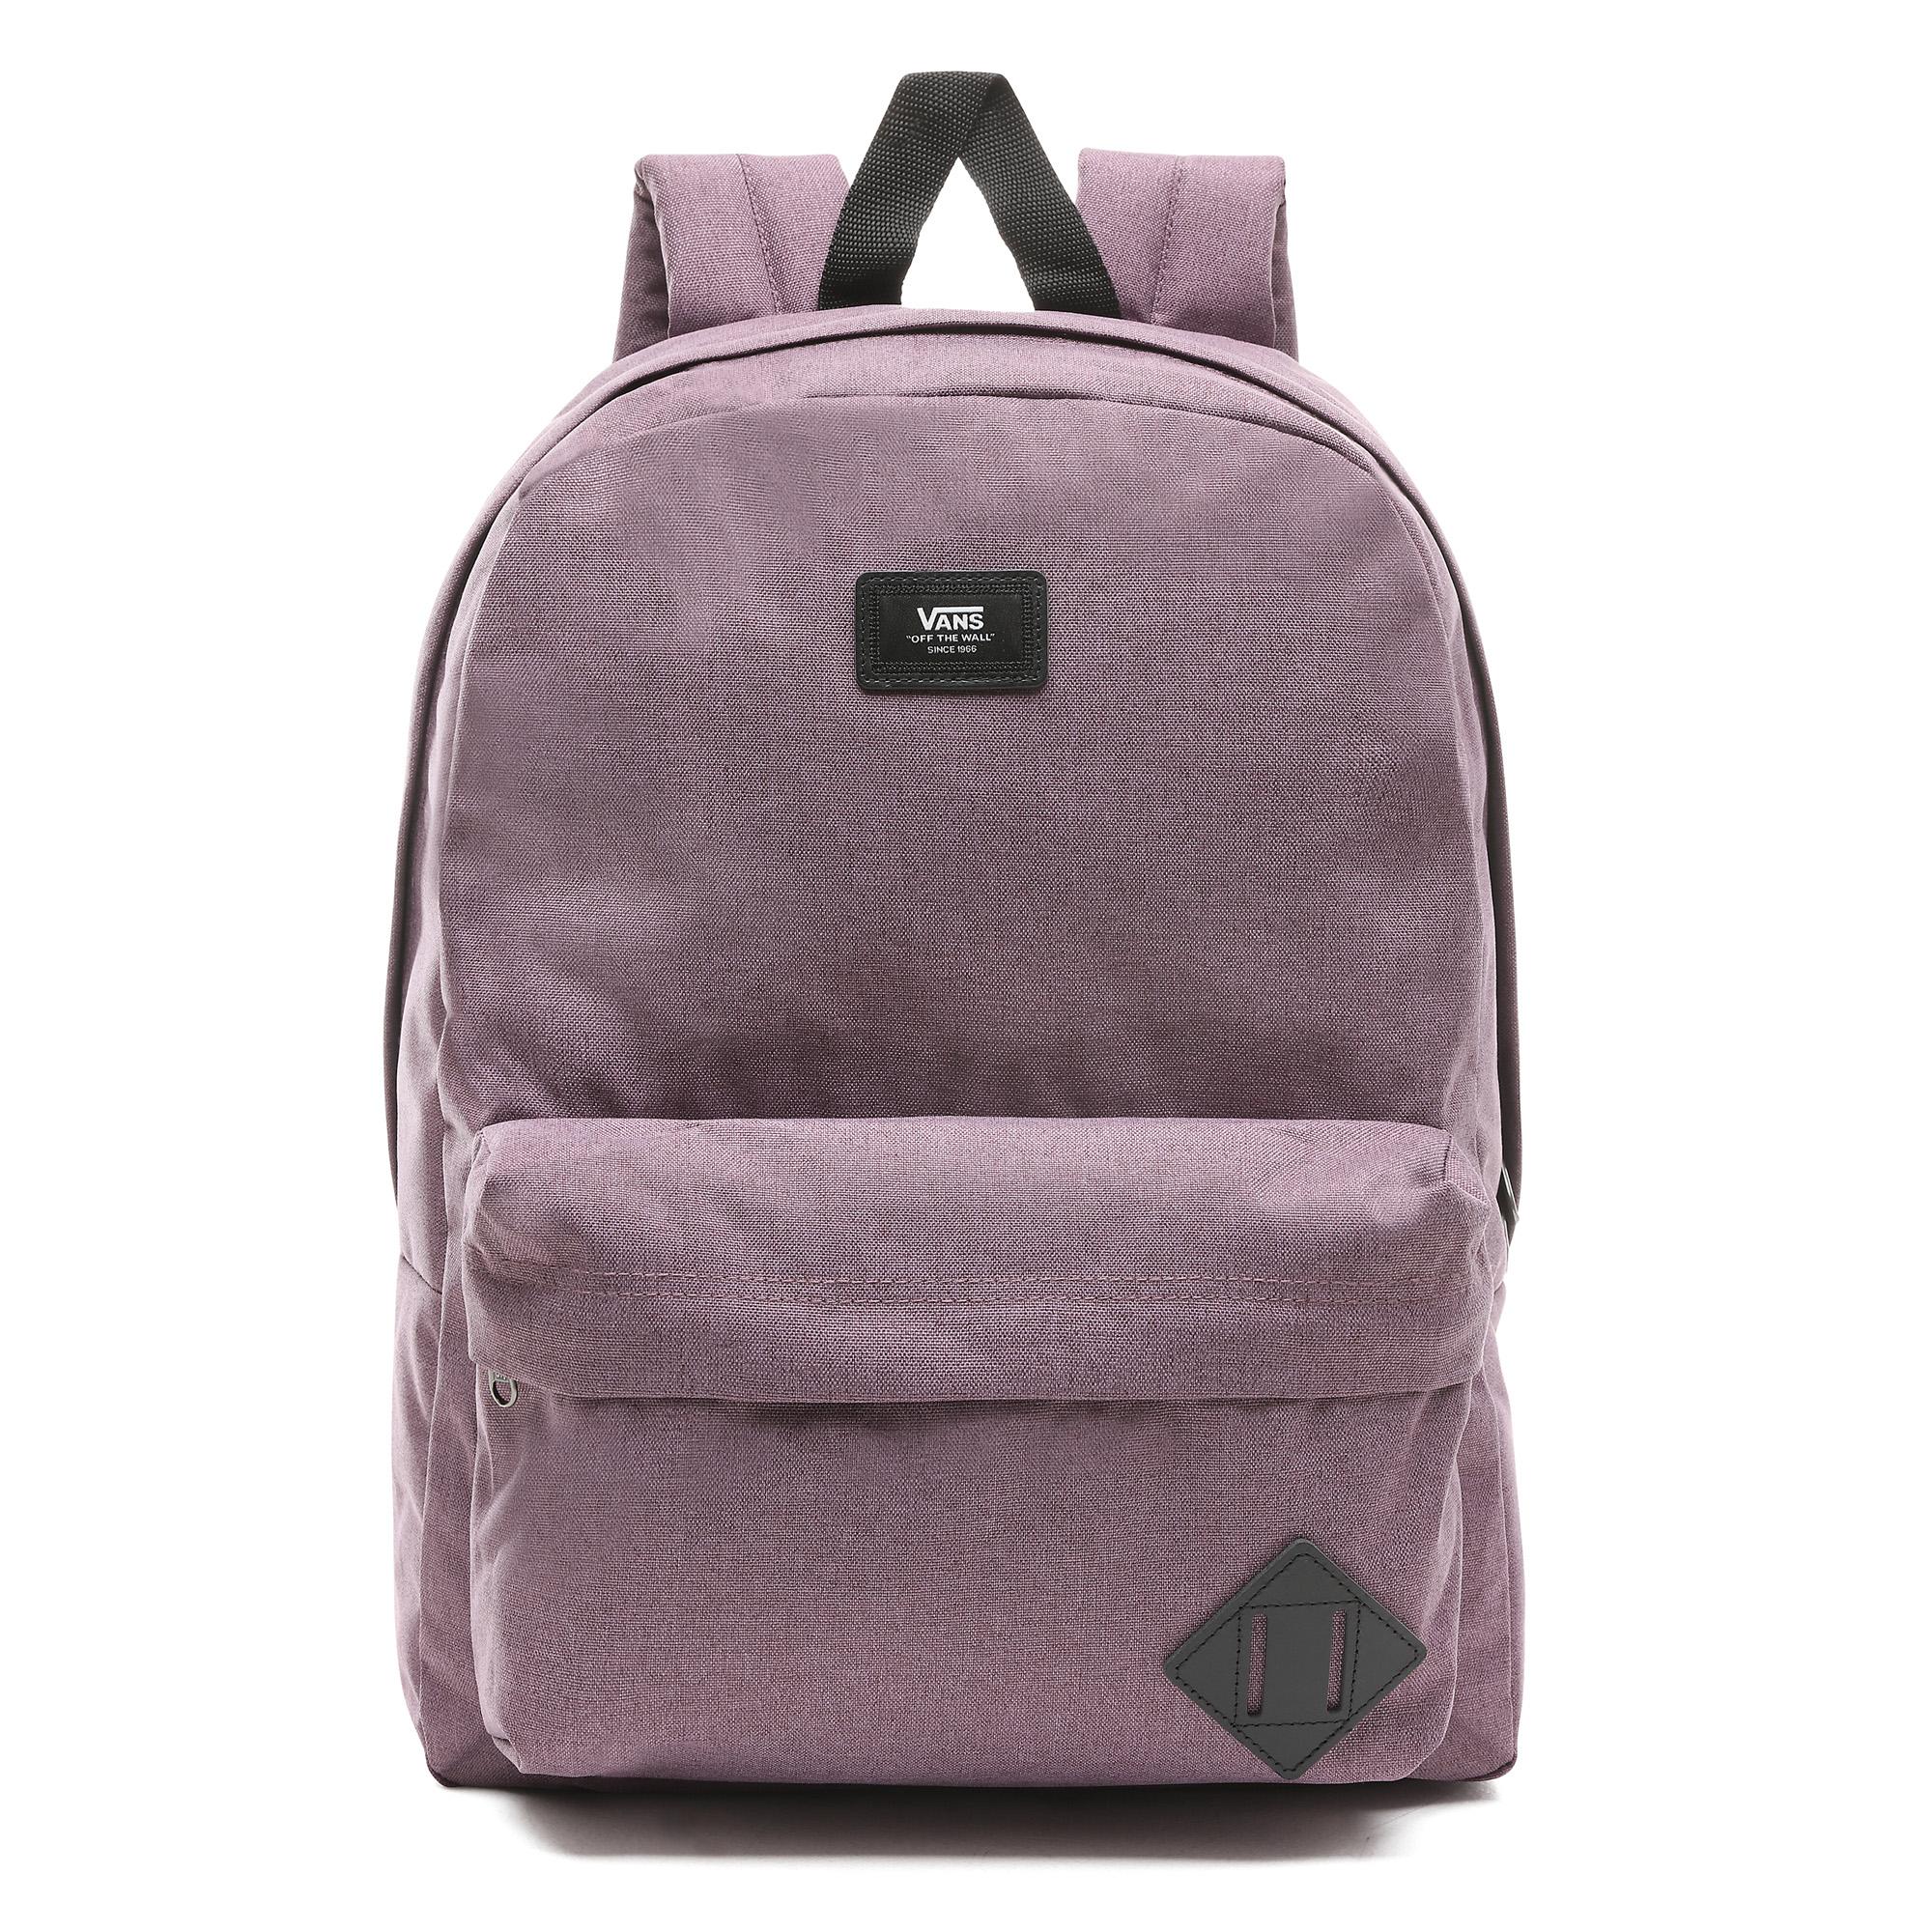 0f77bd31f2e8 Рюкзак Old Skool II V00ONITDT, цвет Фиолетовый - интернет-магазин VANS